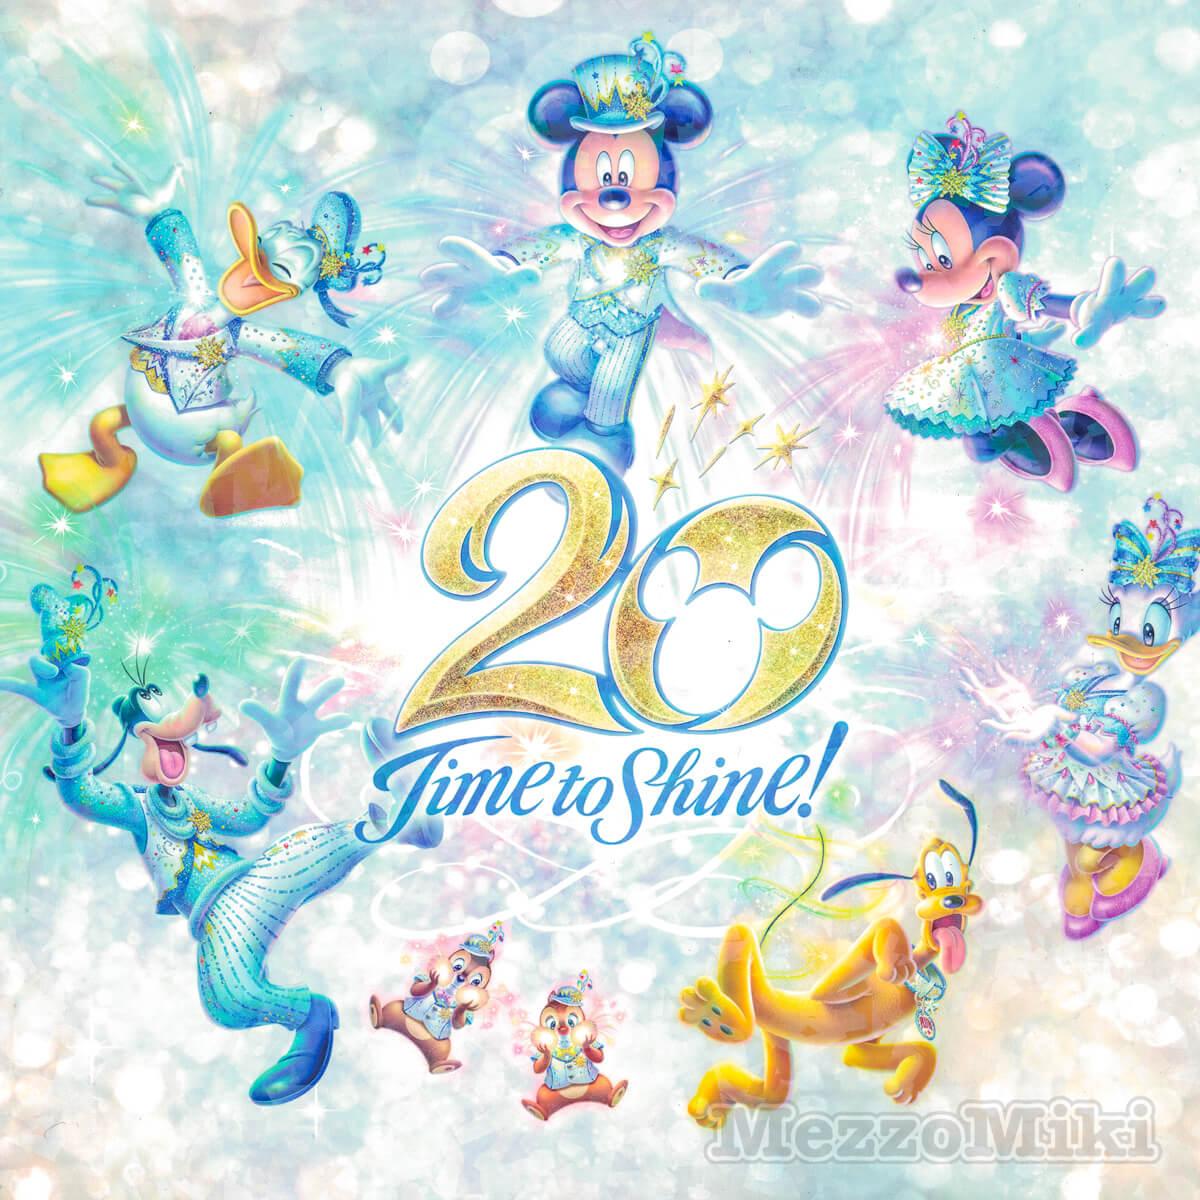 東京ディズニーシー20周年:タイム・トゥ・シャイン!デザイン台紙 裏表紙